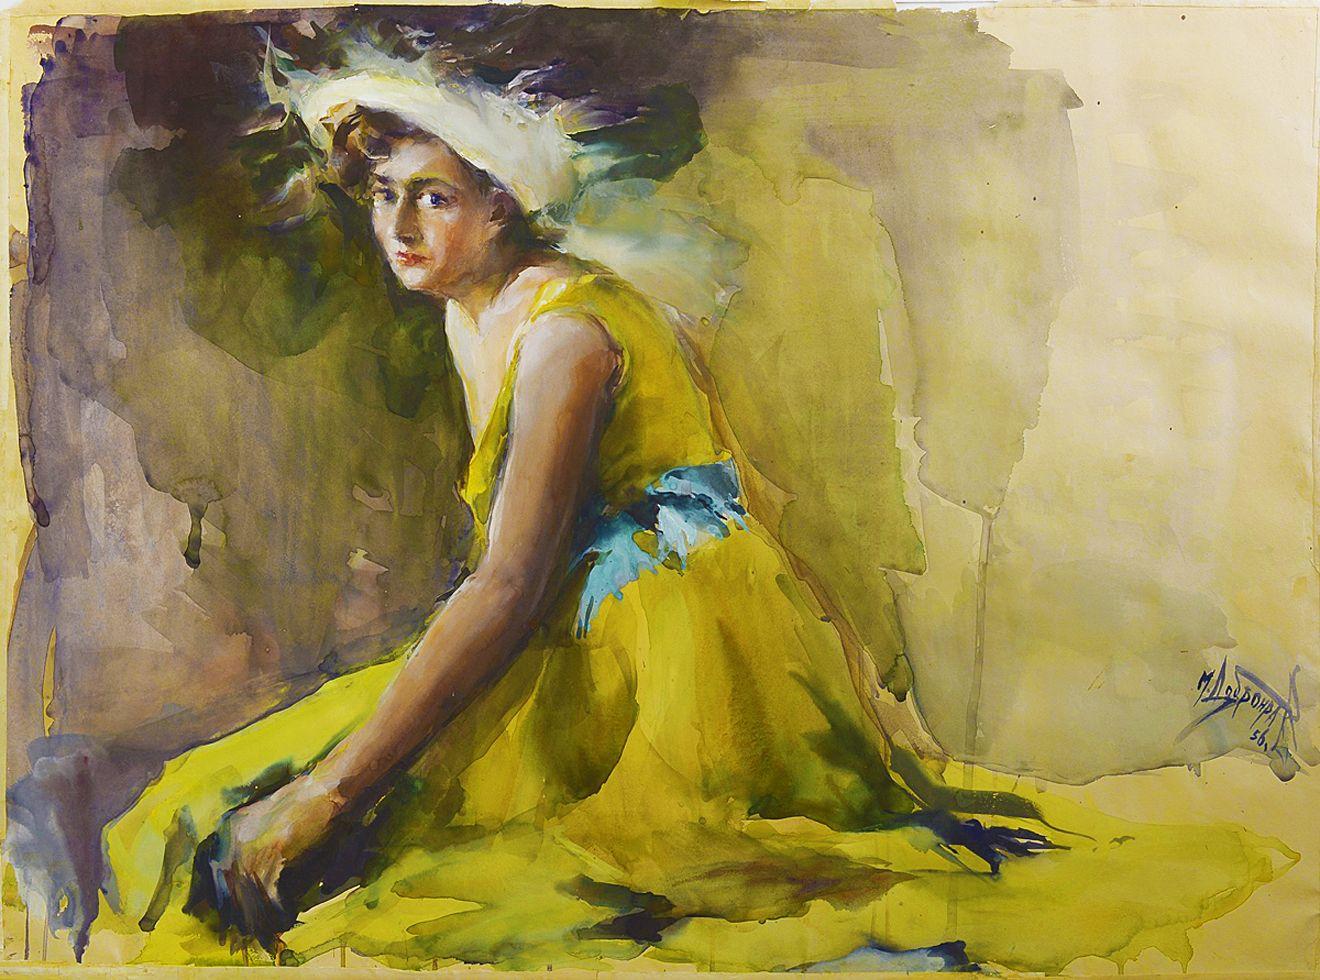 Михайло Добронравов. В жовтій сукні, 1956; папір, акварель